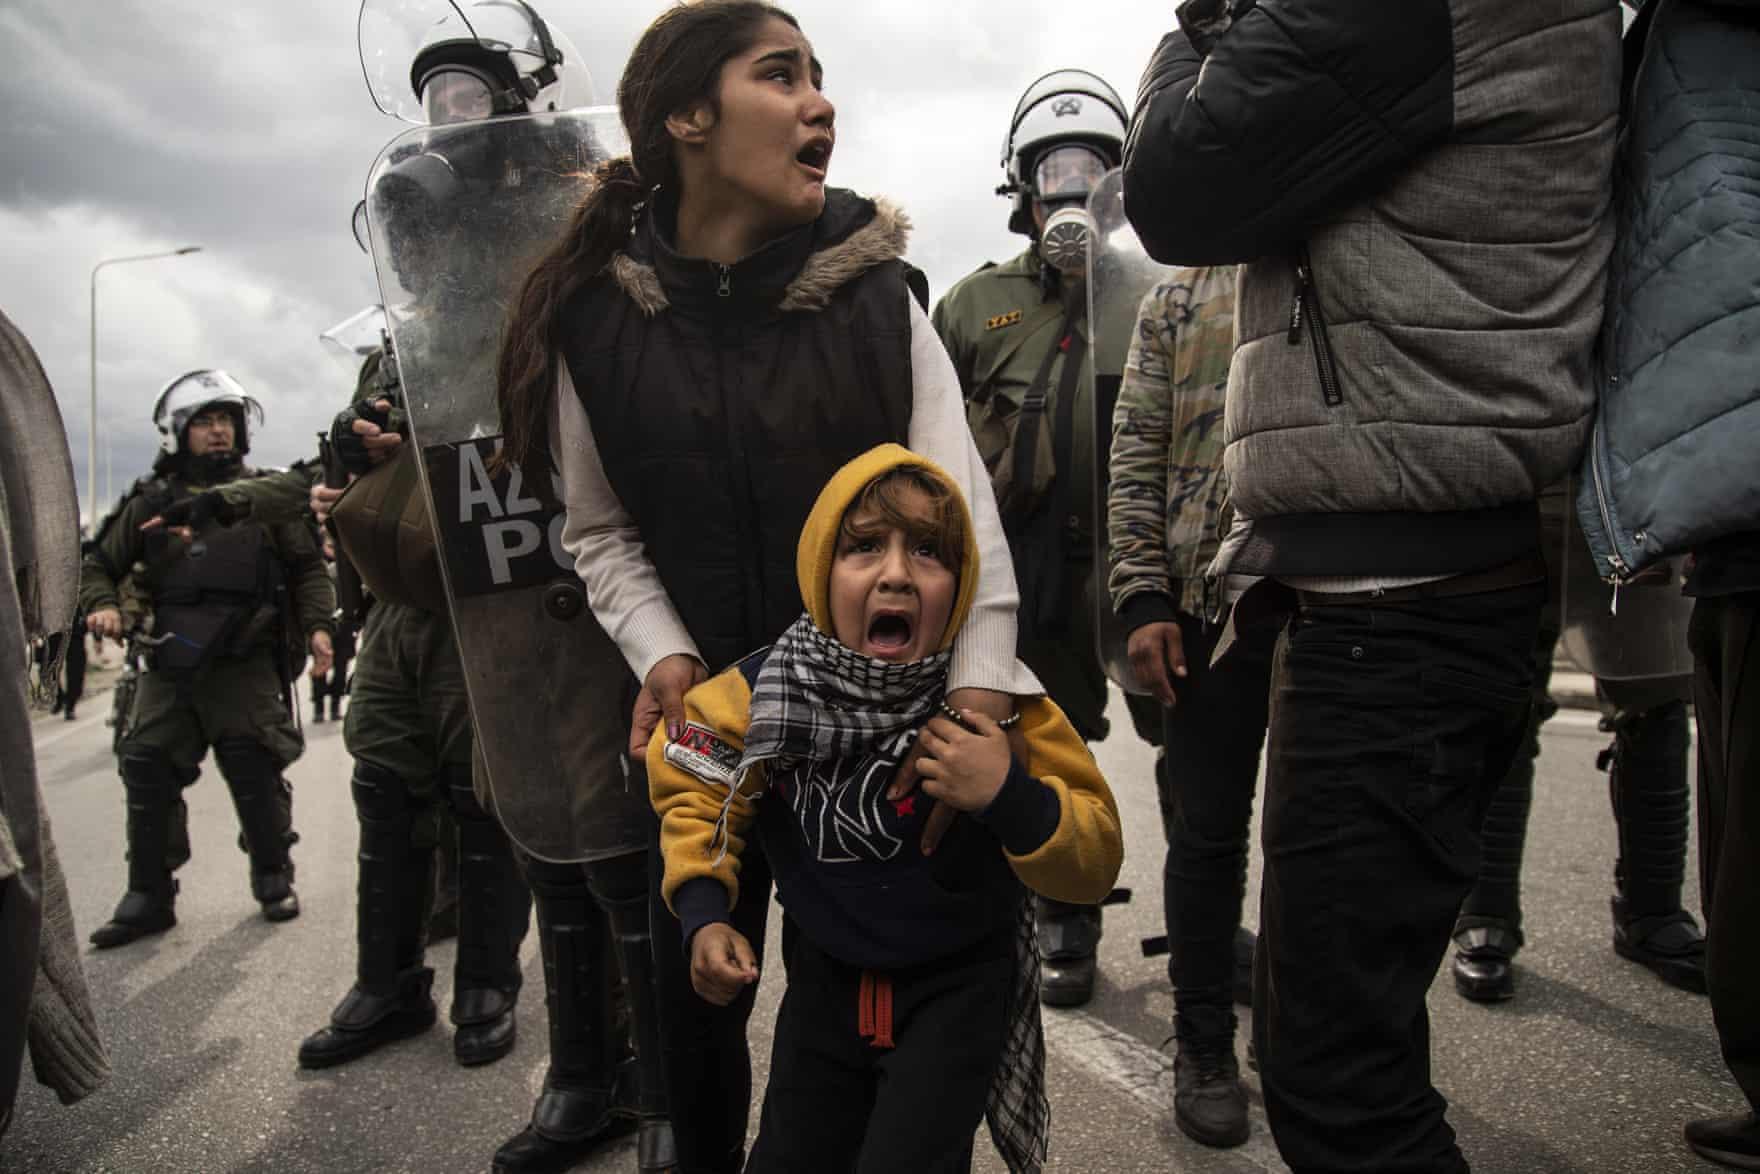 وحشت کودکان پناهجو از پلیس ضد شورش یونان + عکس